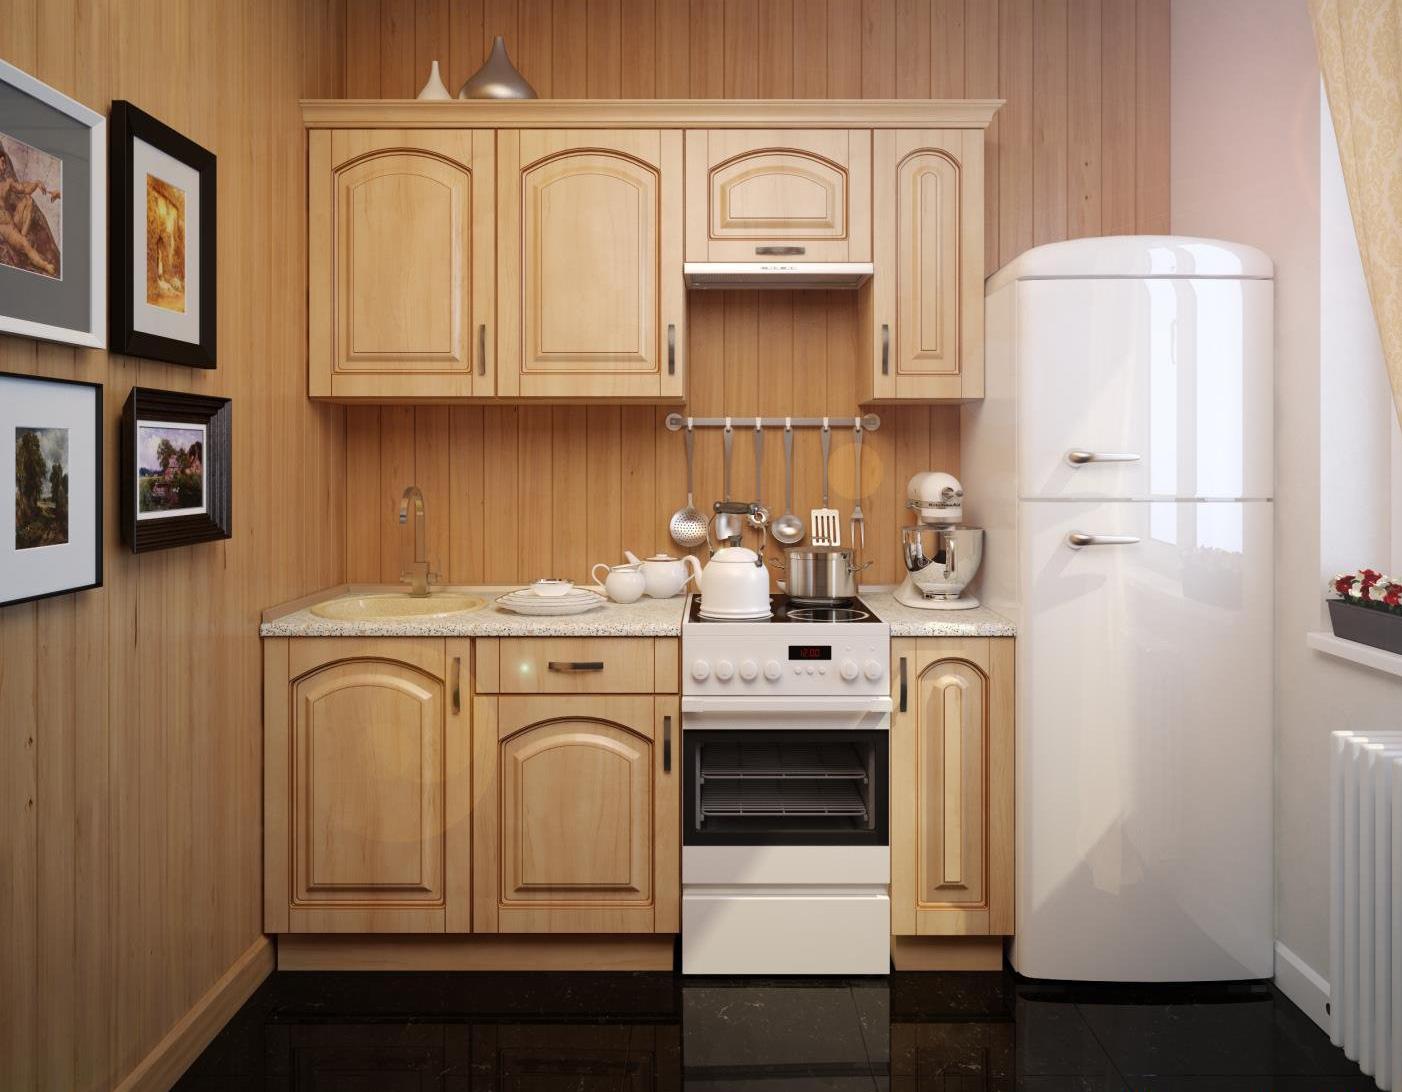 Кухня малых размеров дизайн